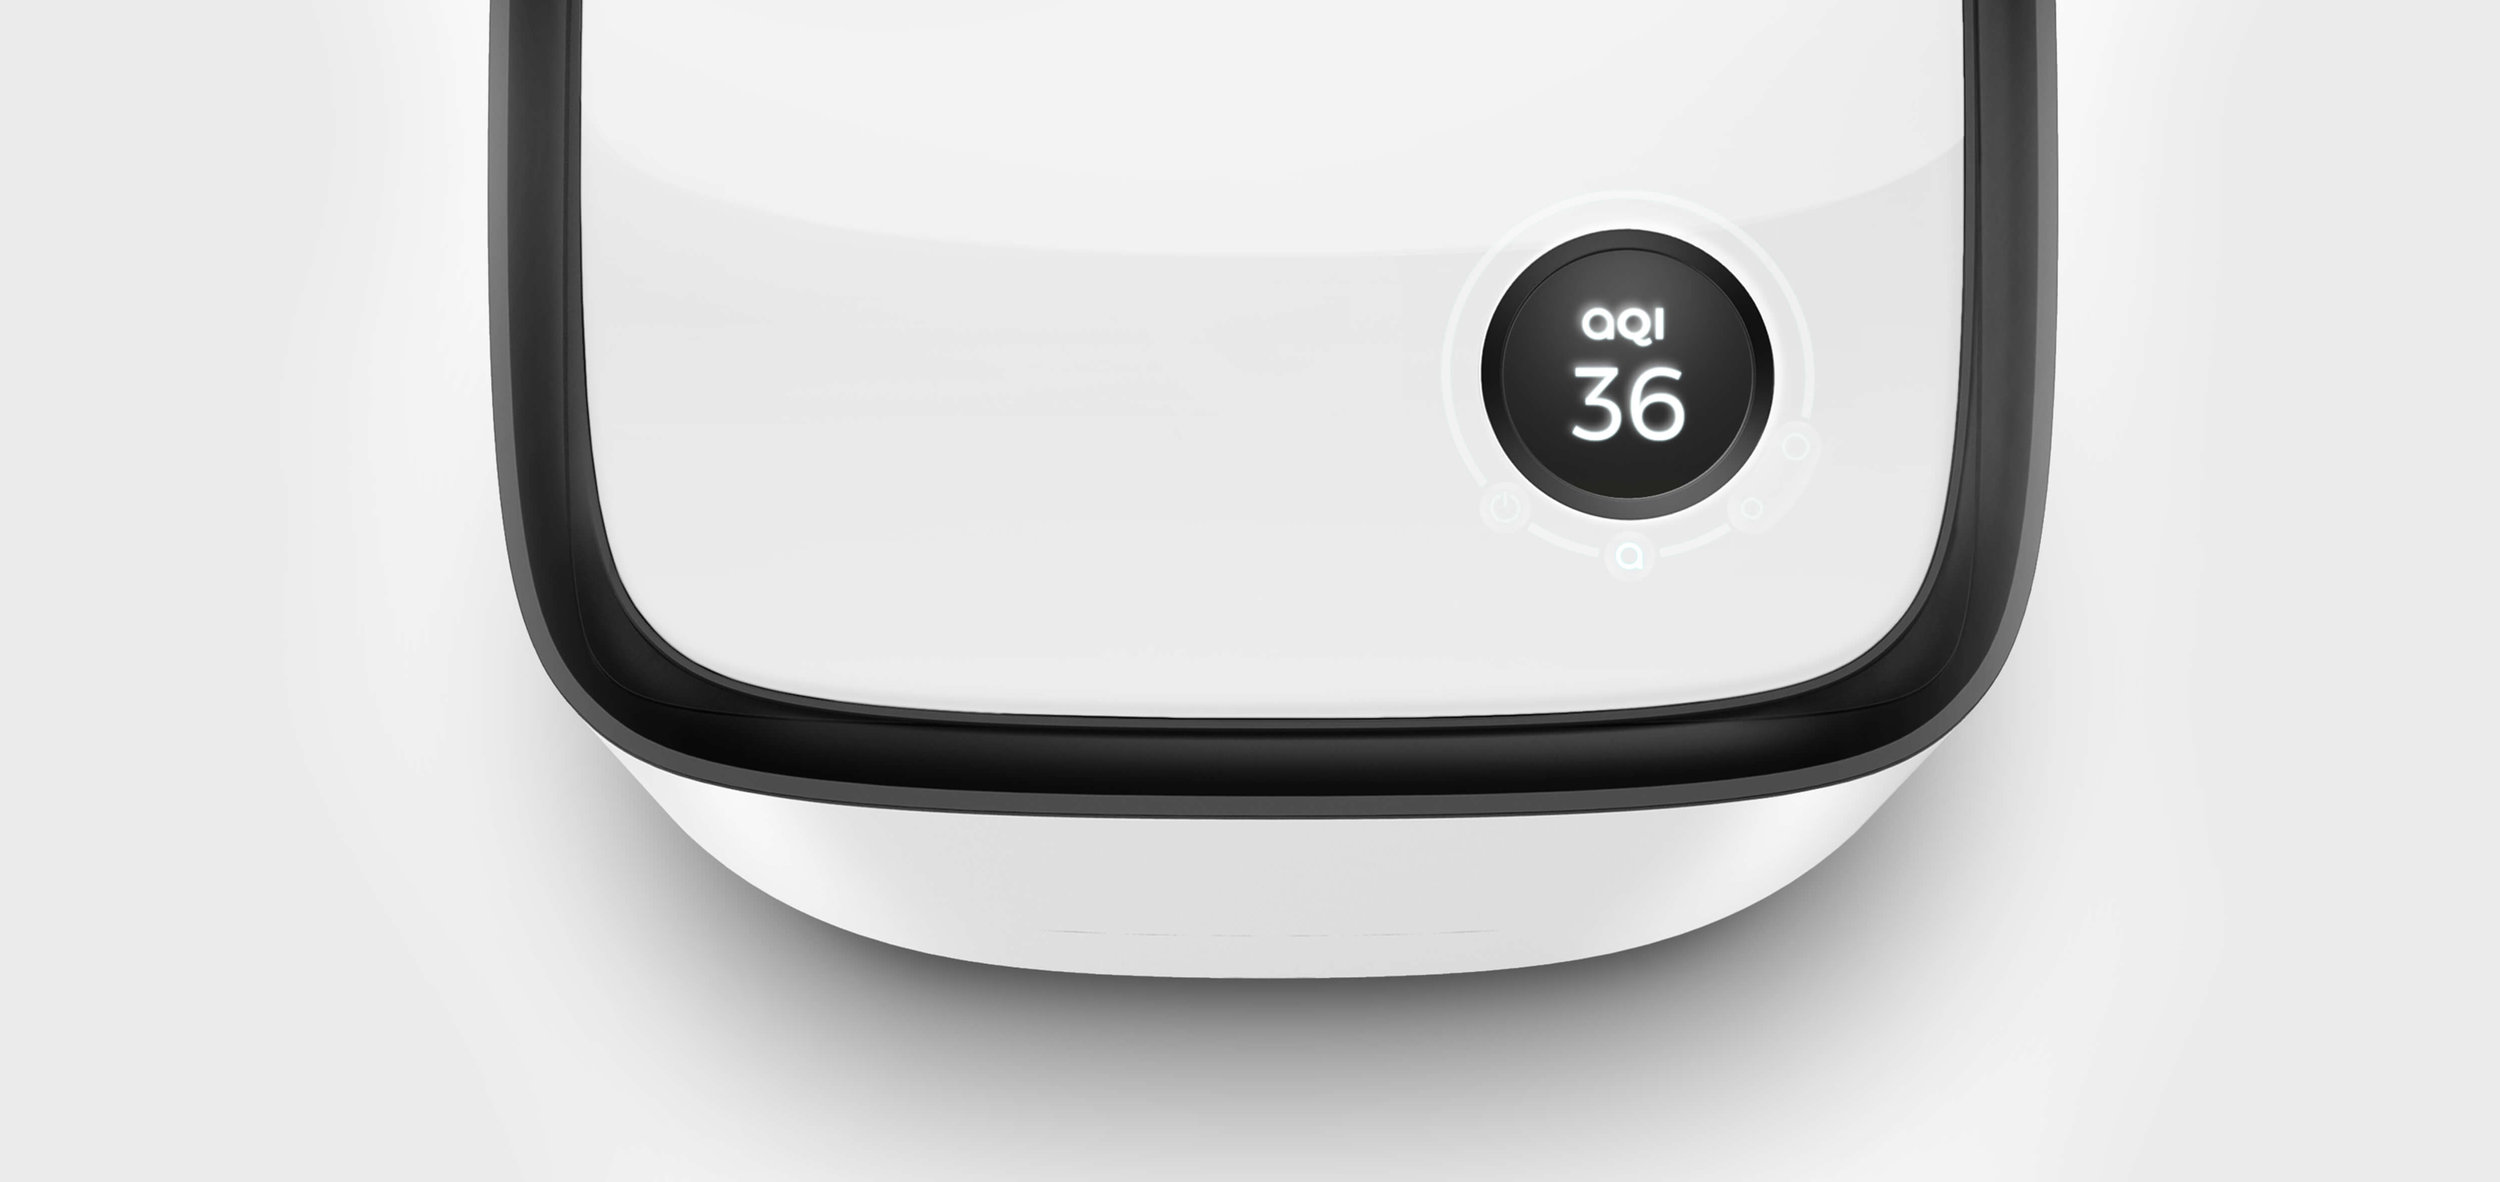 device UI of aair